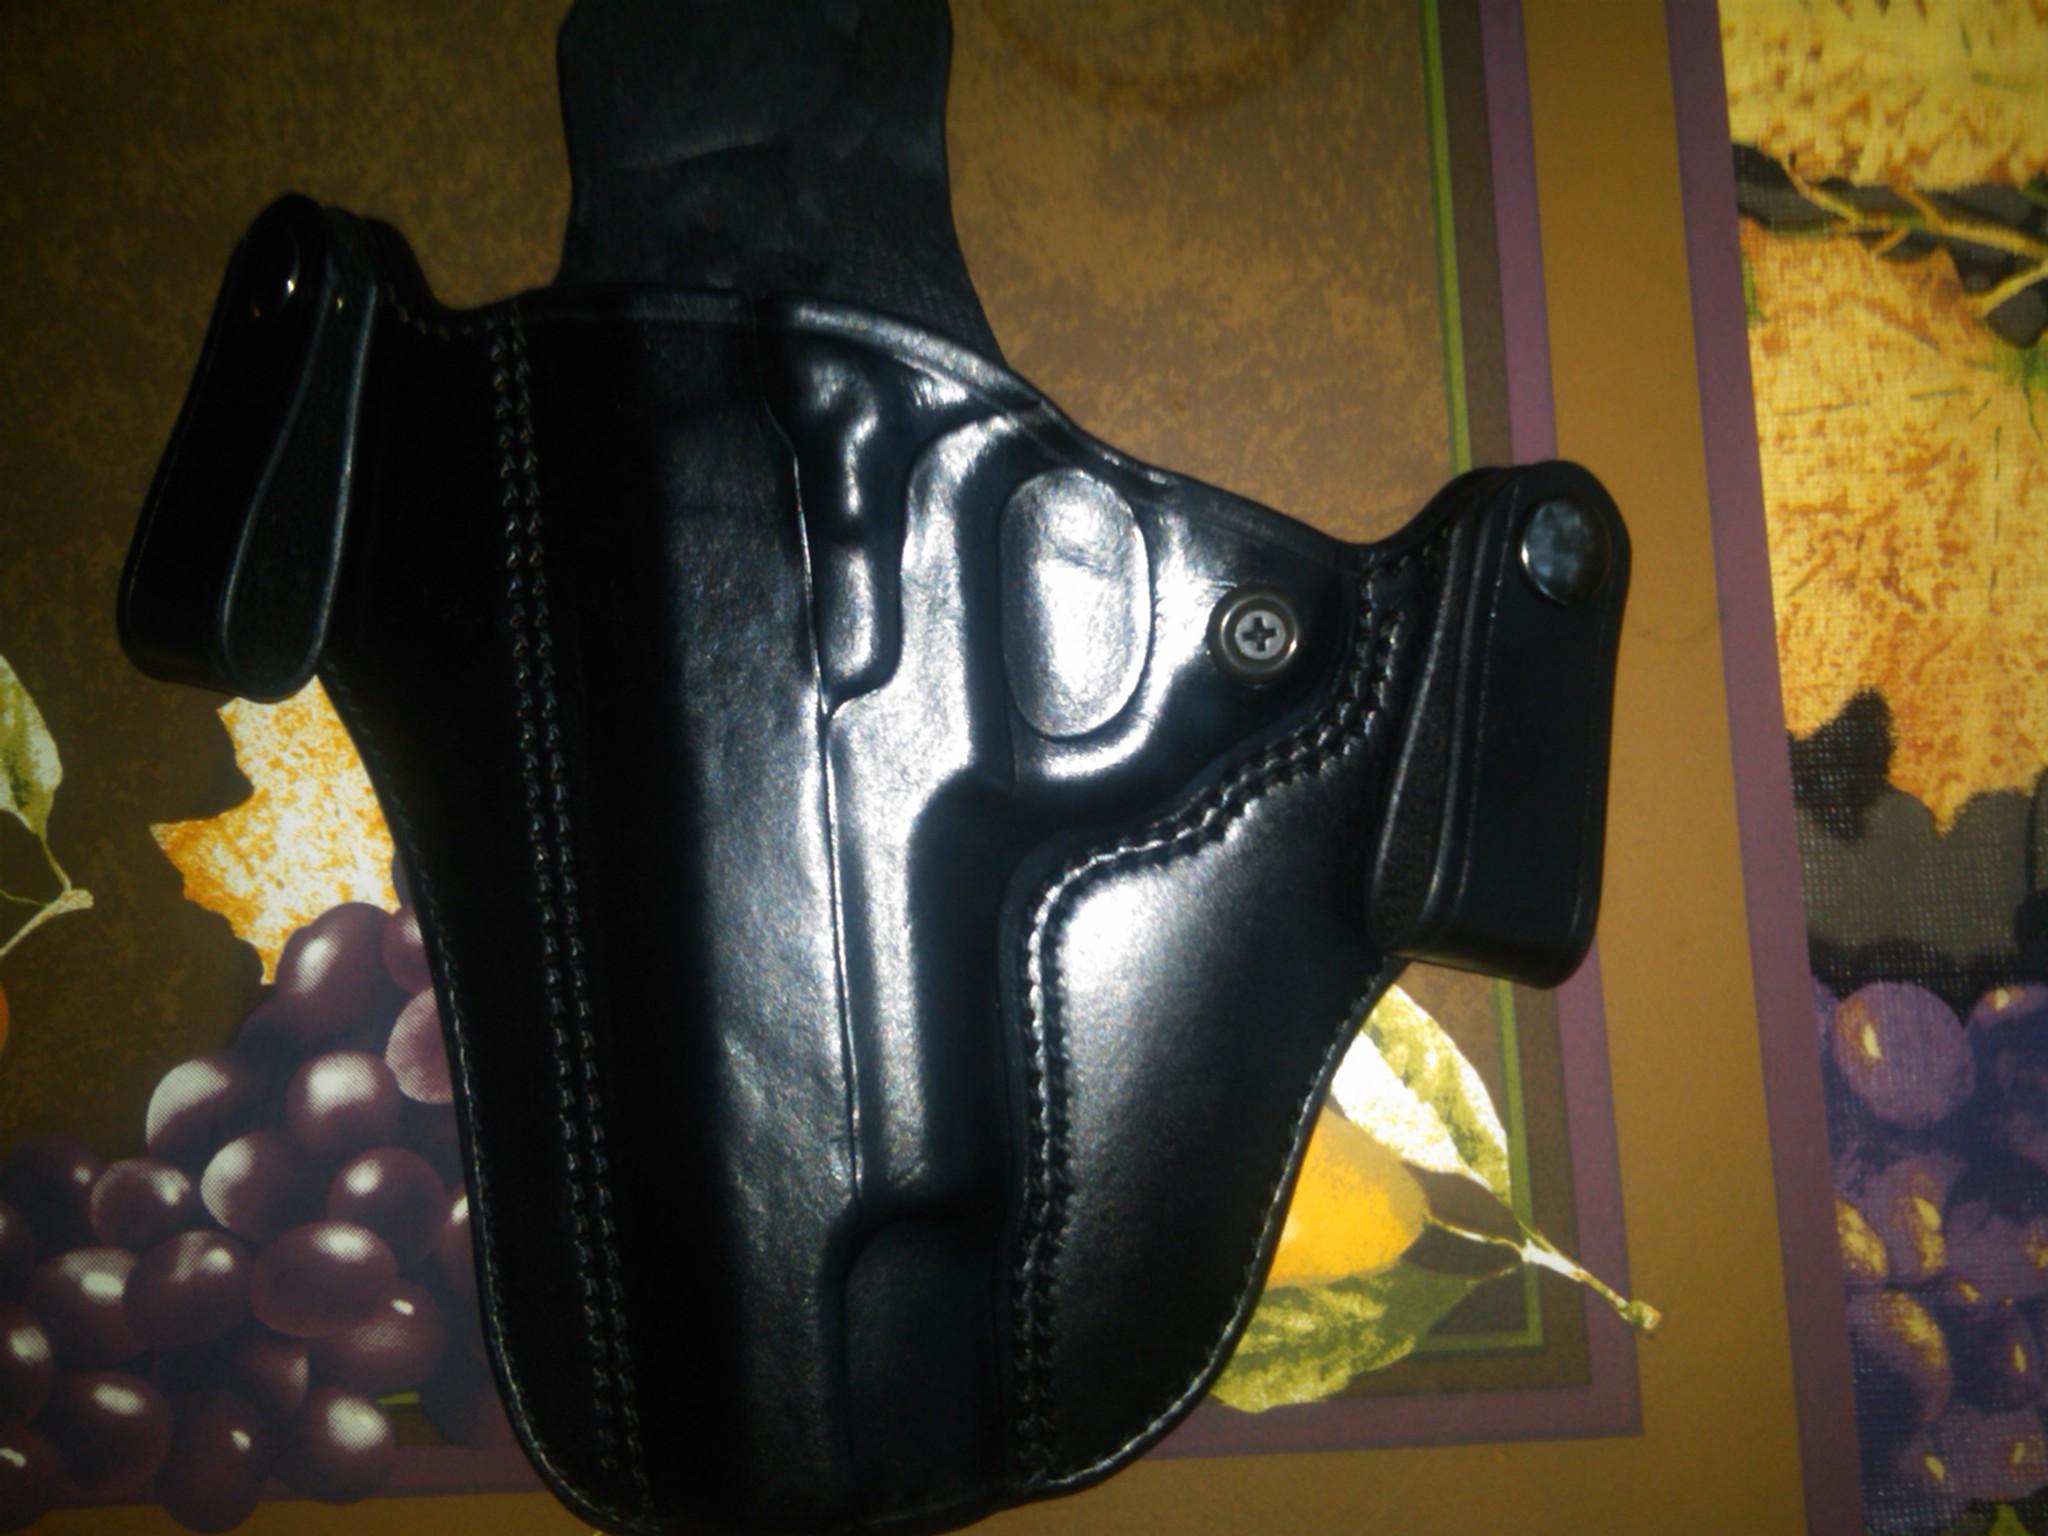 holster-img00432-20101117-1704.jpg